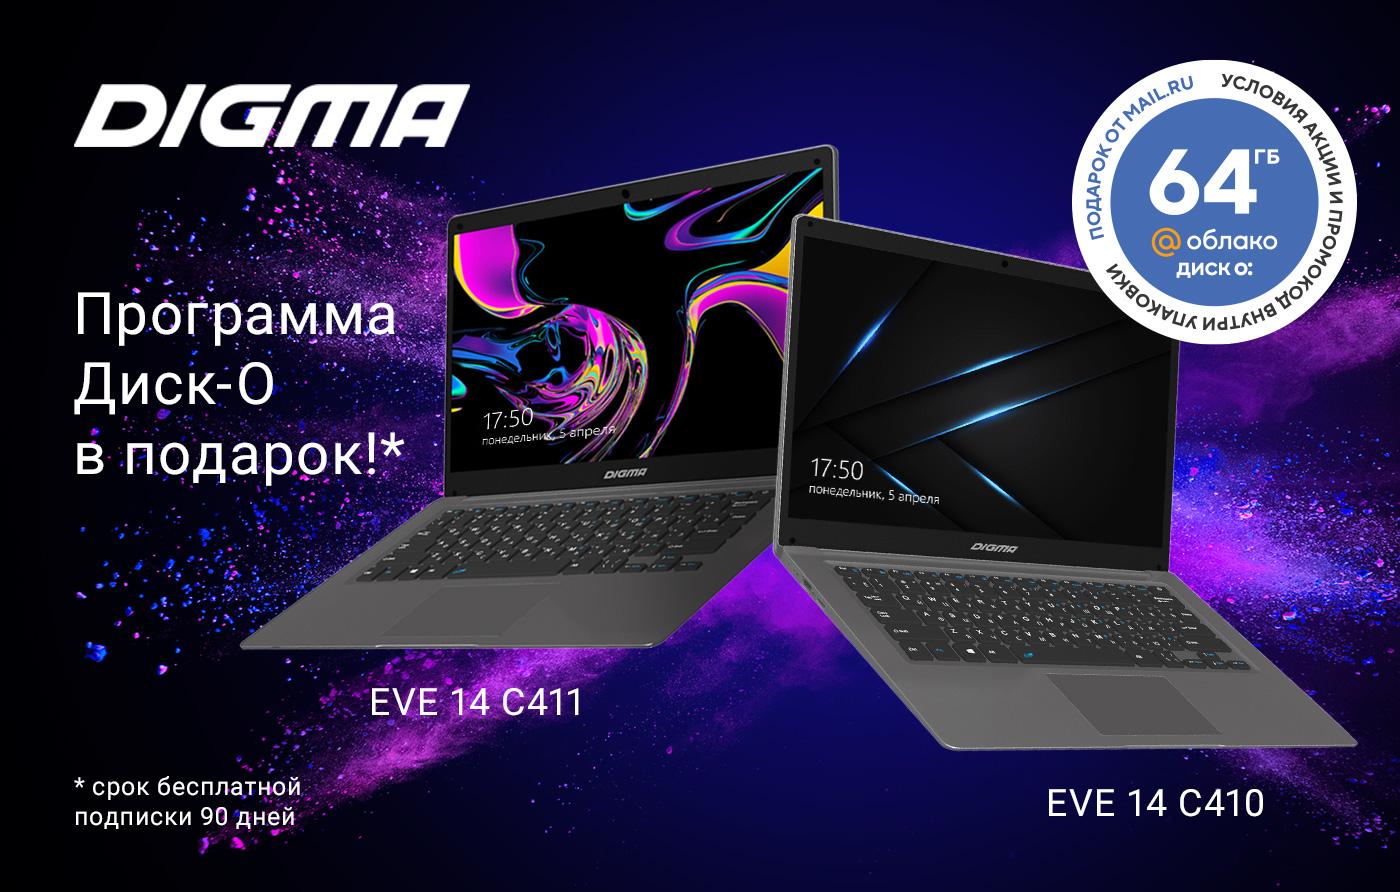 DIGMA EVE 14 С410 и EVE 14 C411